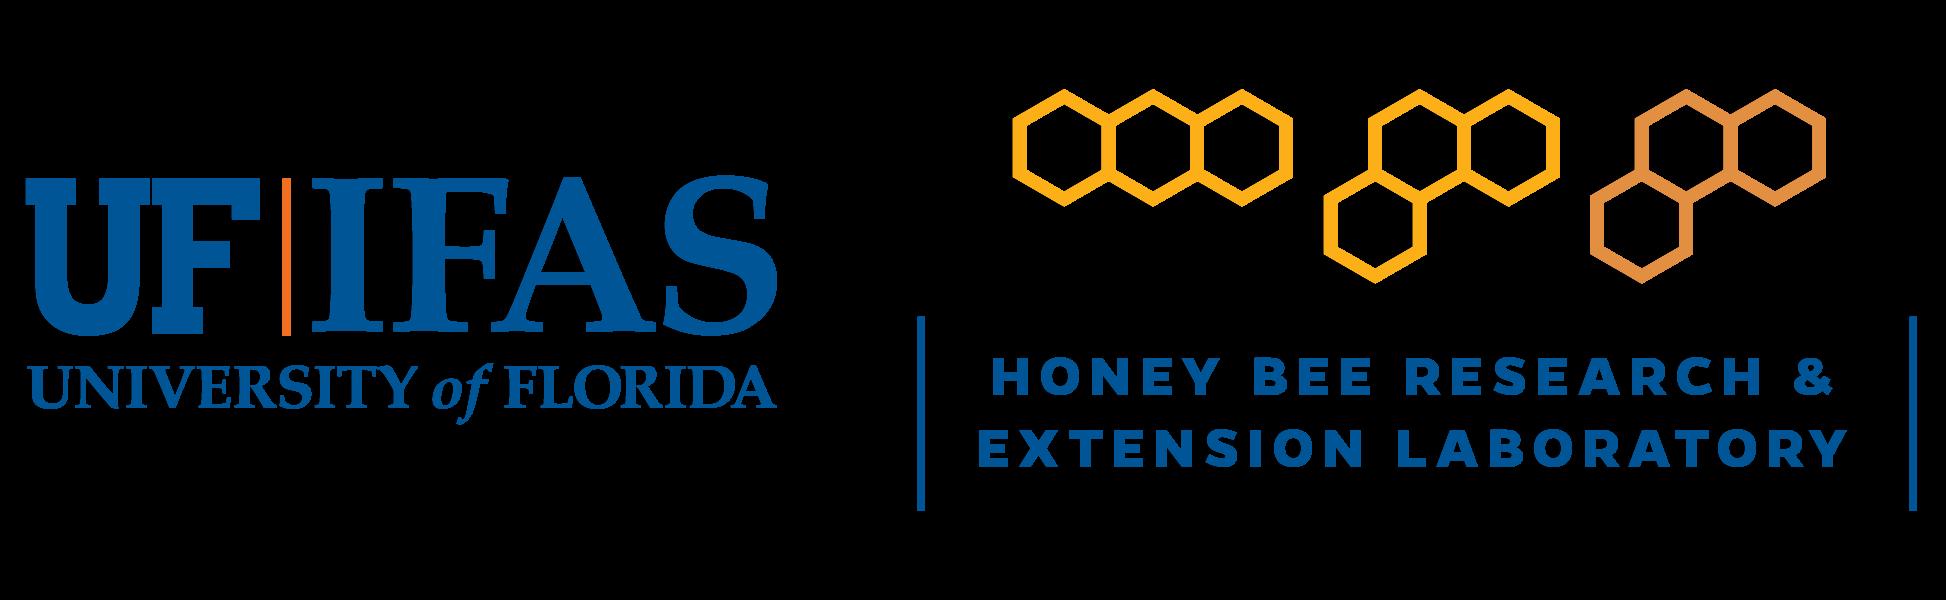 http://entnemdept.ufl.edu/honey-bee/